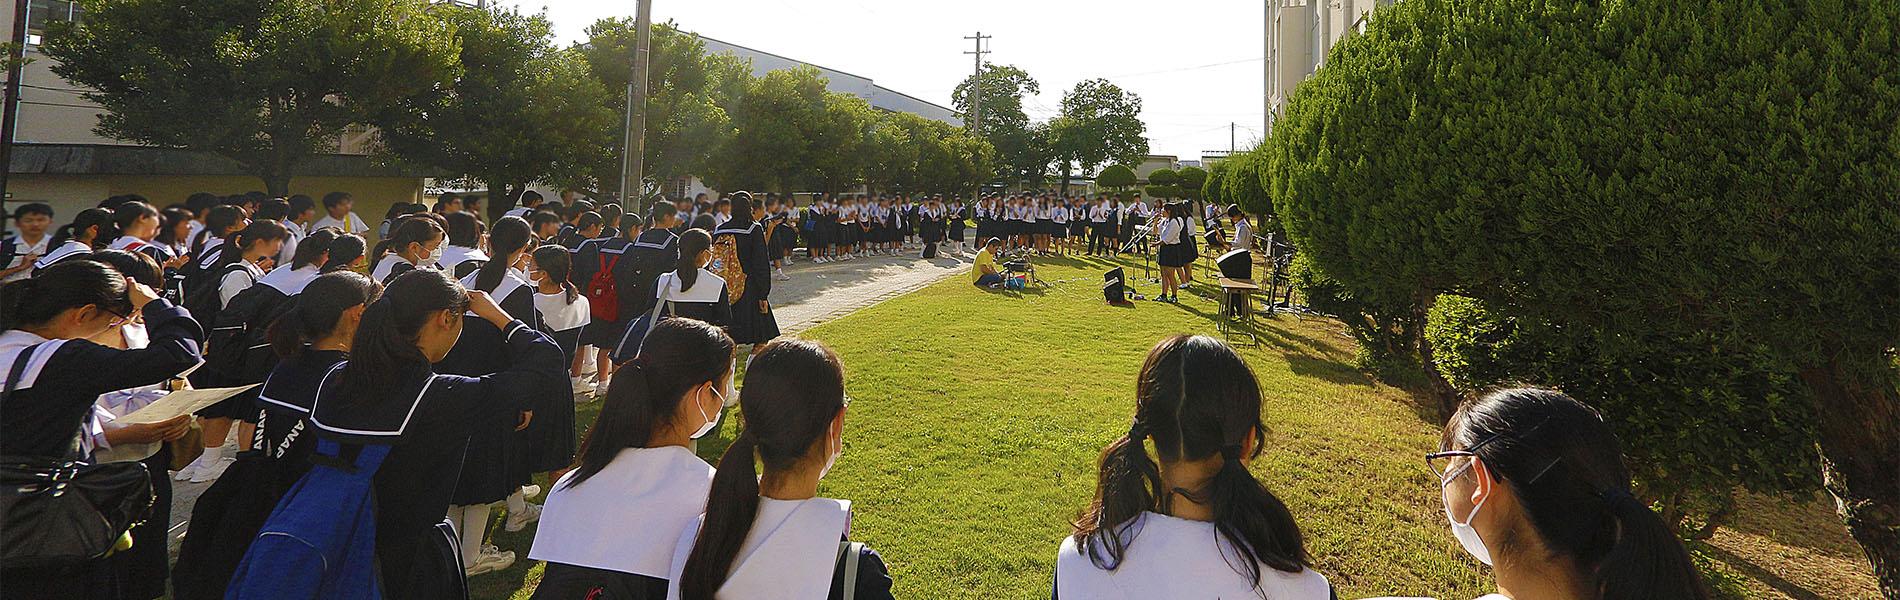 中学生向け「学校見学会」ライブ